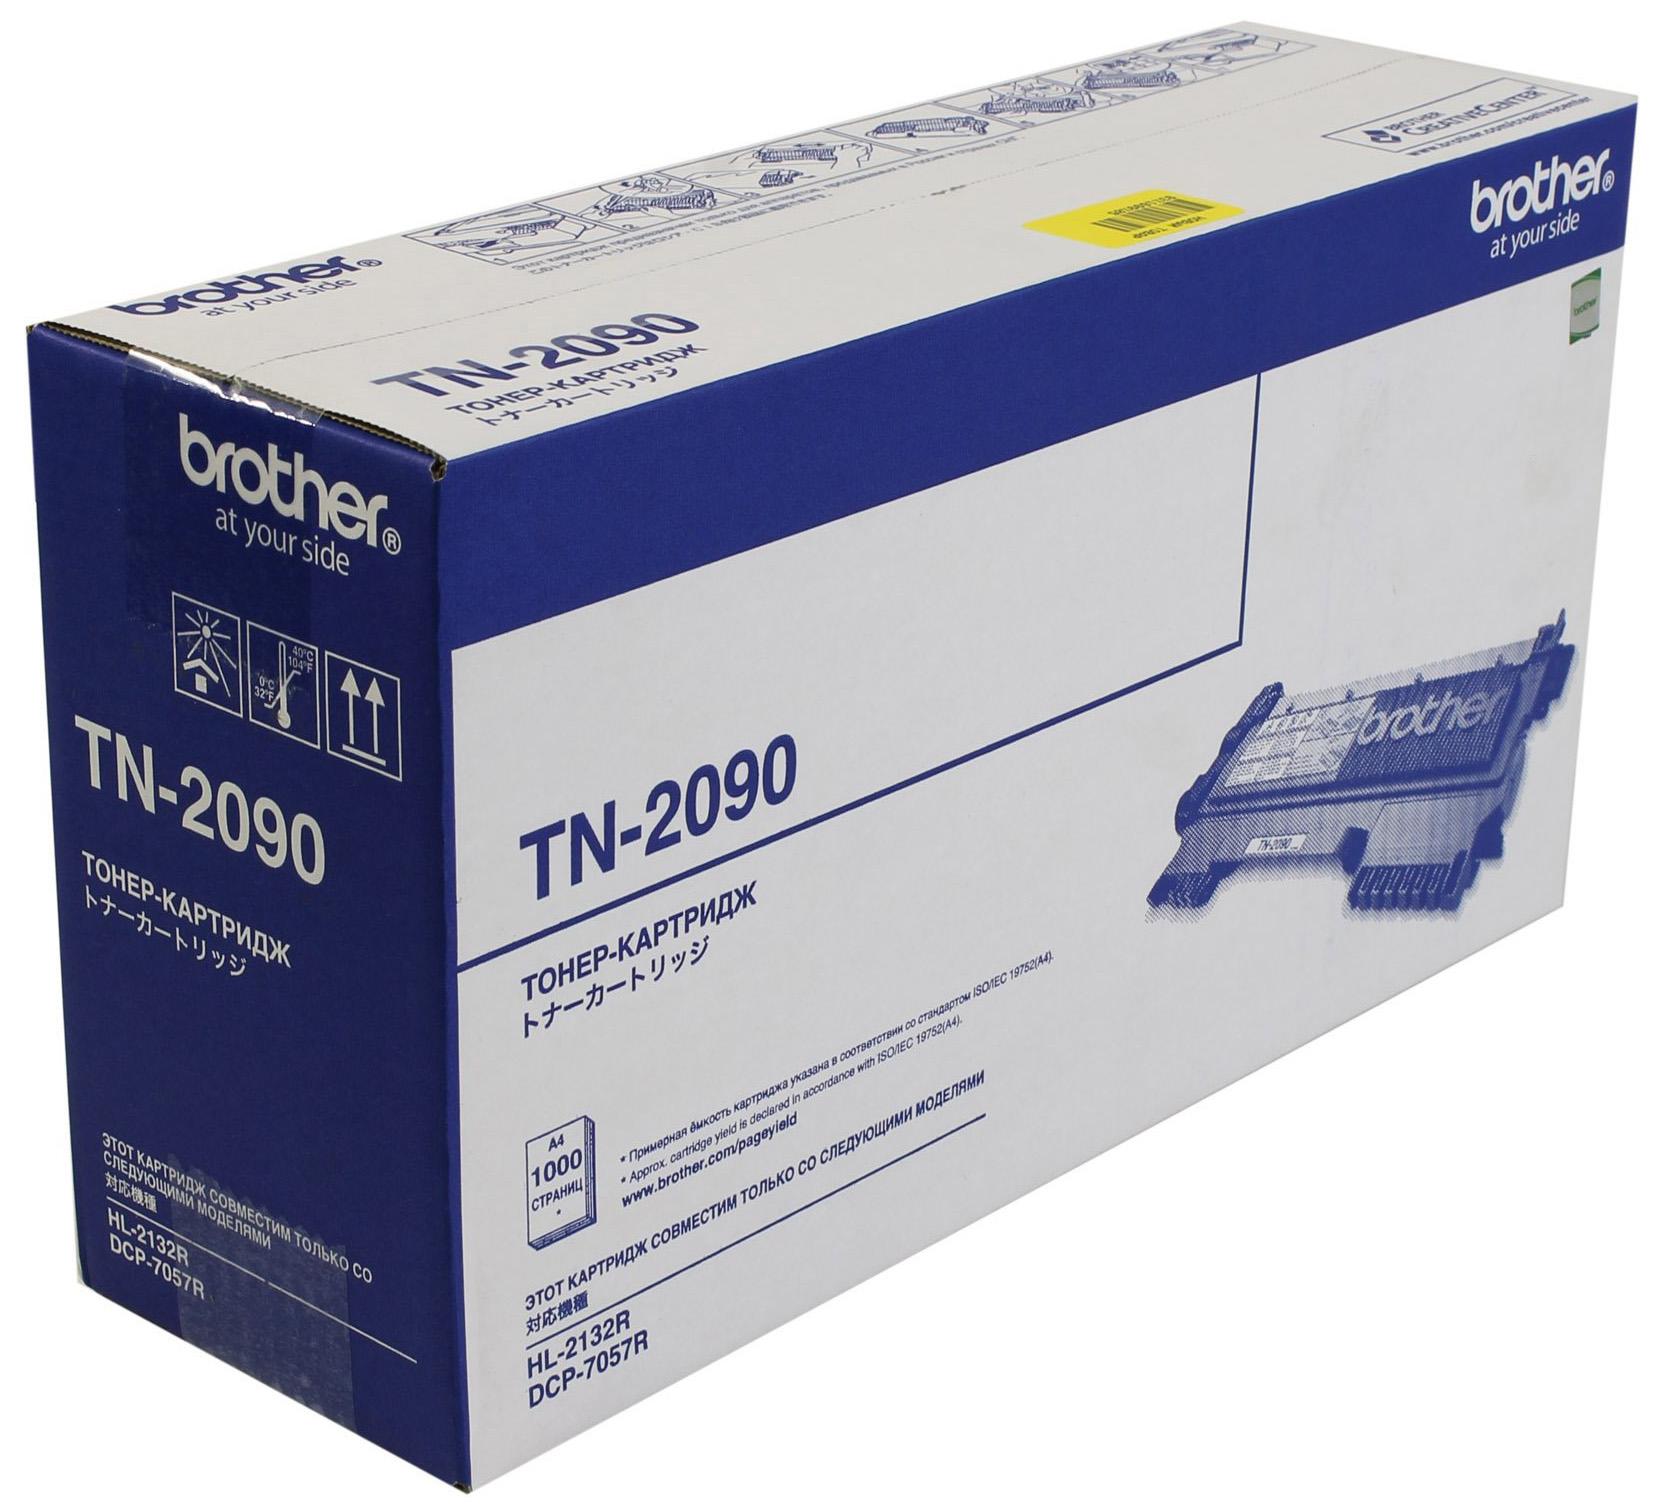 Картридж для лазерного принтера Brother TN-2090, черный, оригинал